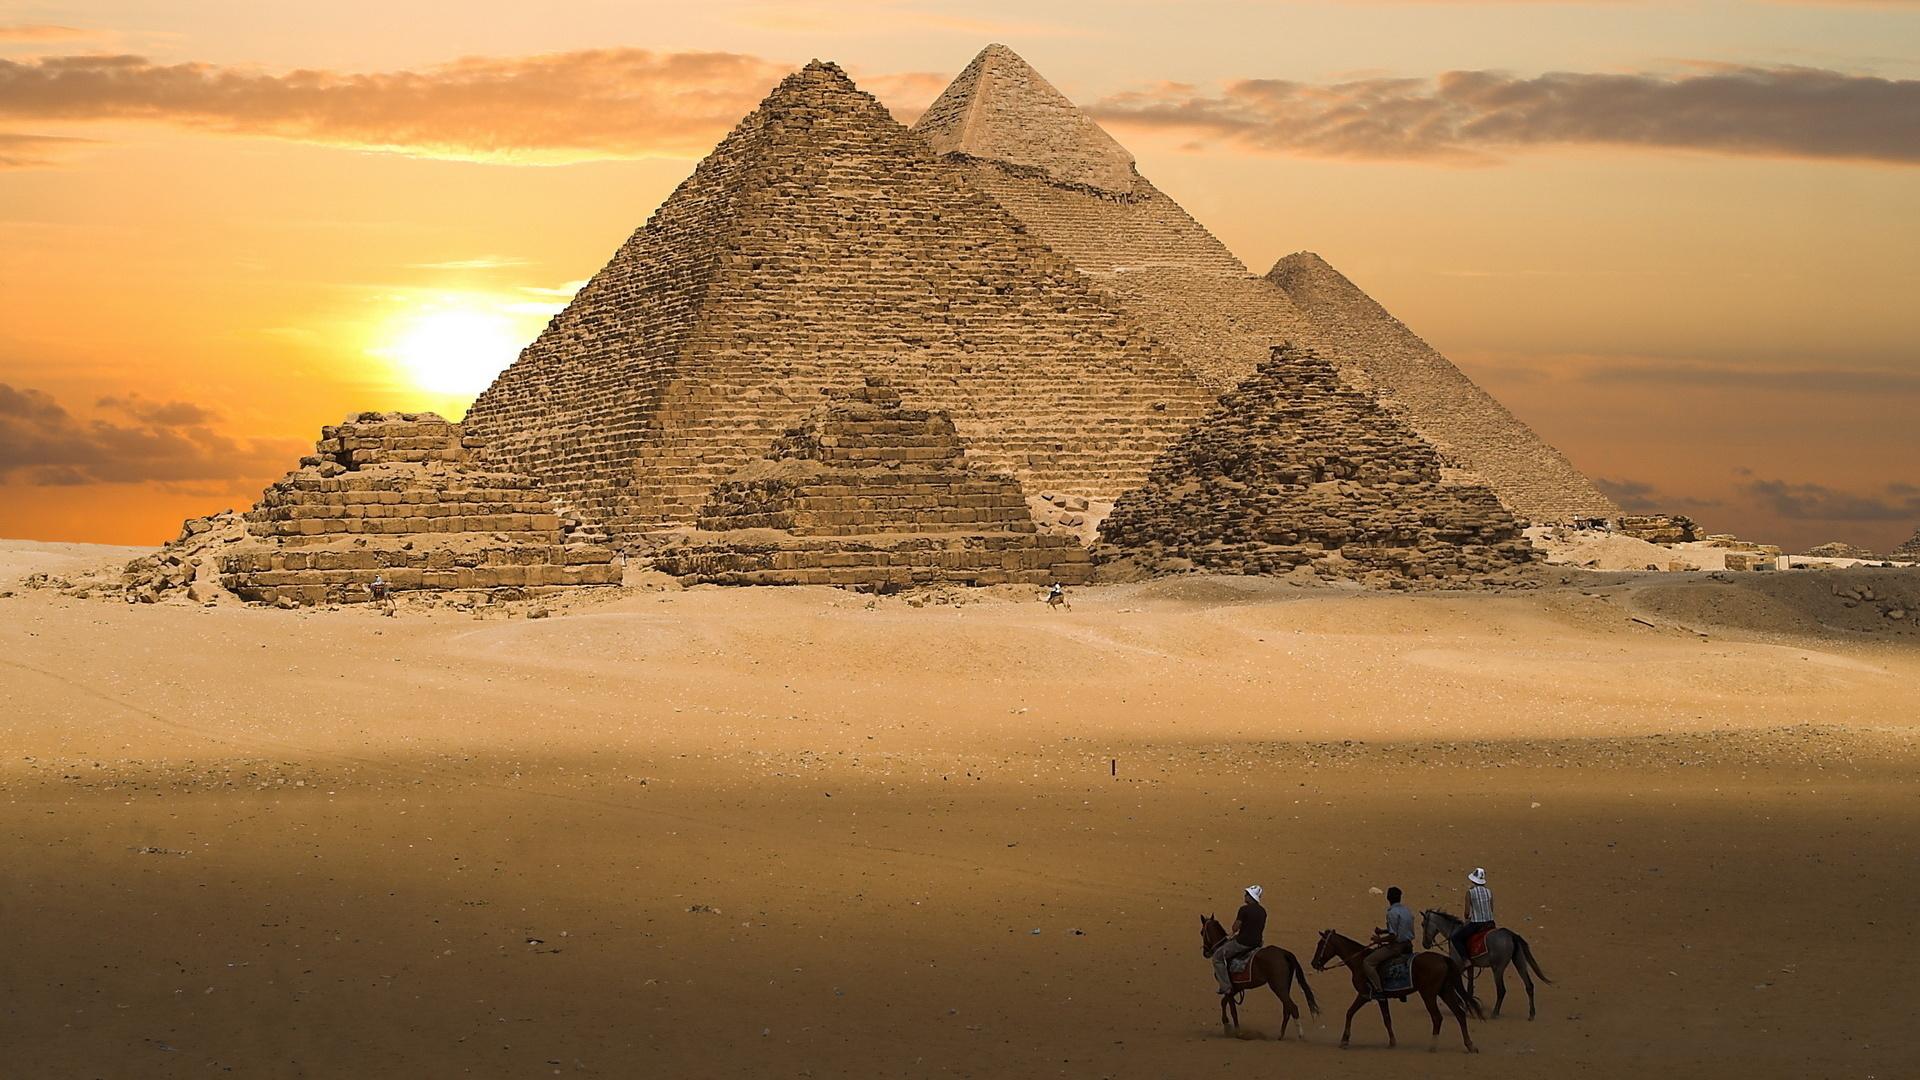 египет, пирамиды, песок, люди, закат, лошади, небо, облака, мечта, природа